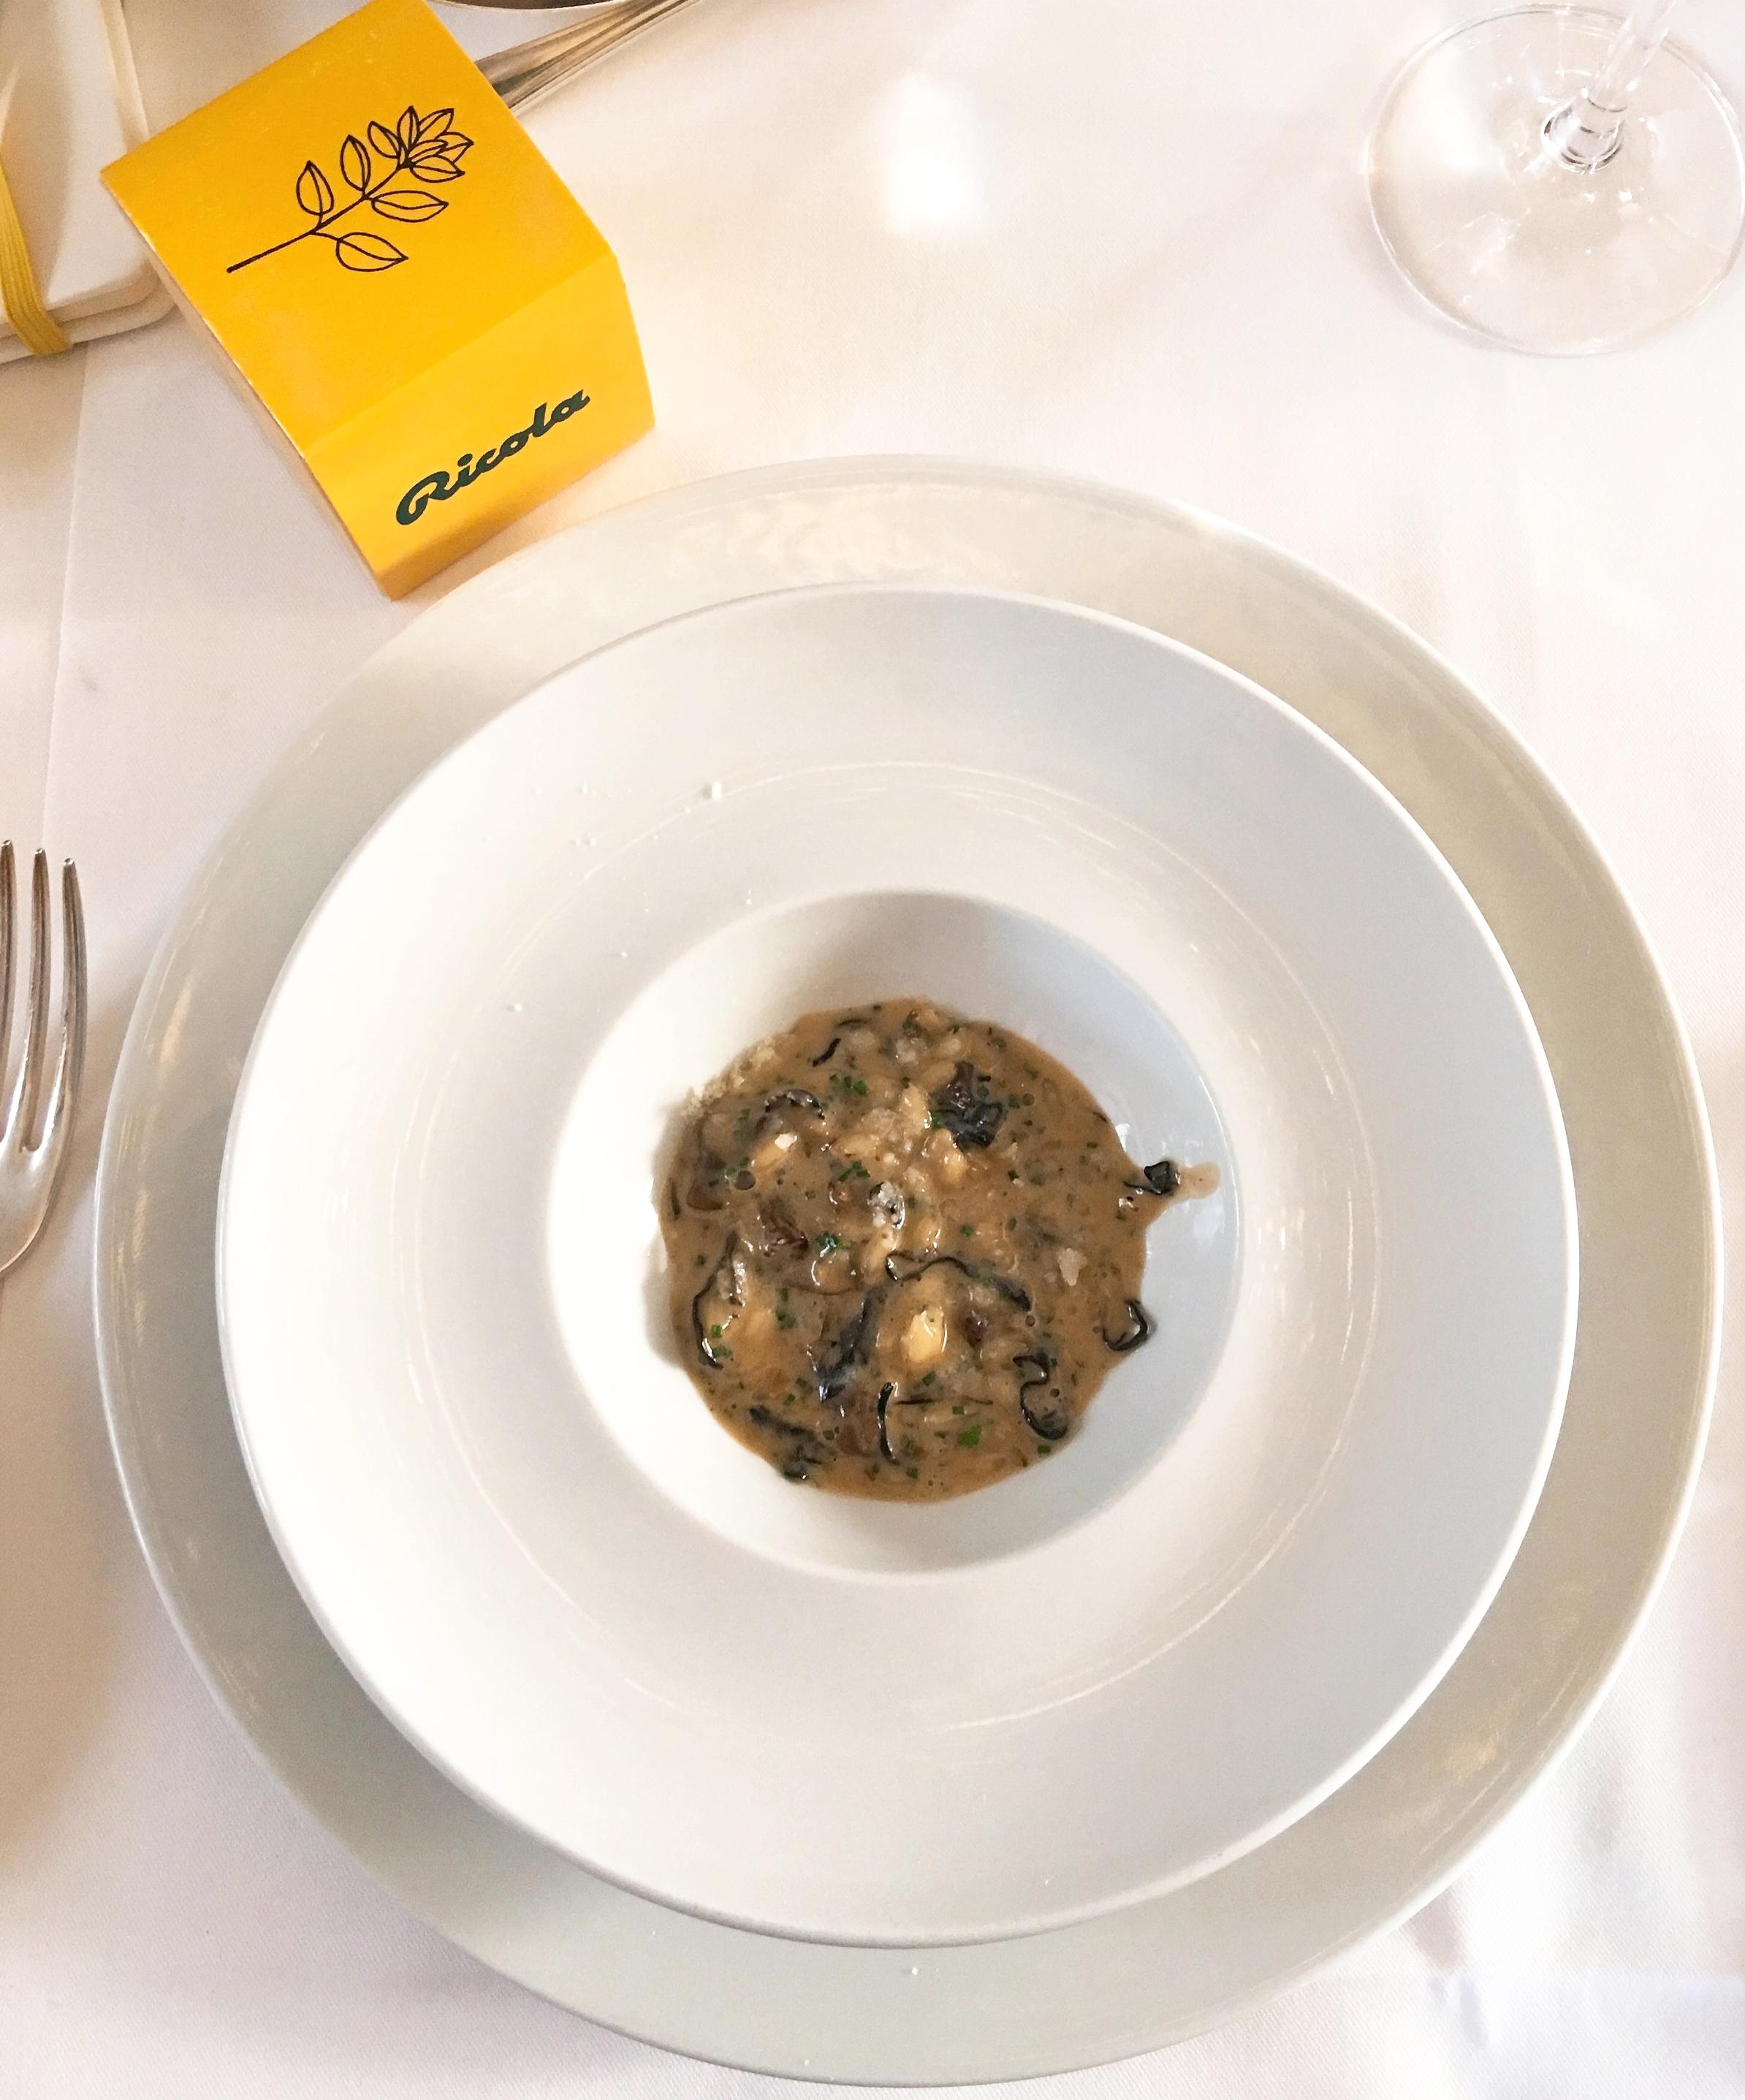 Mosimann's restaurant review